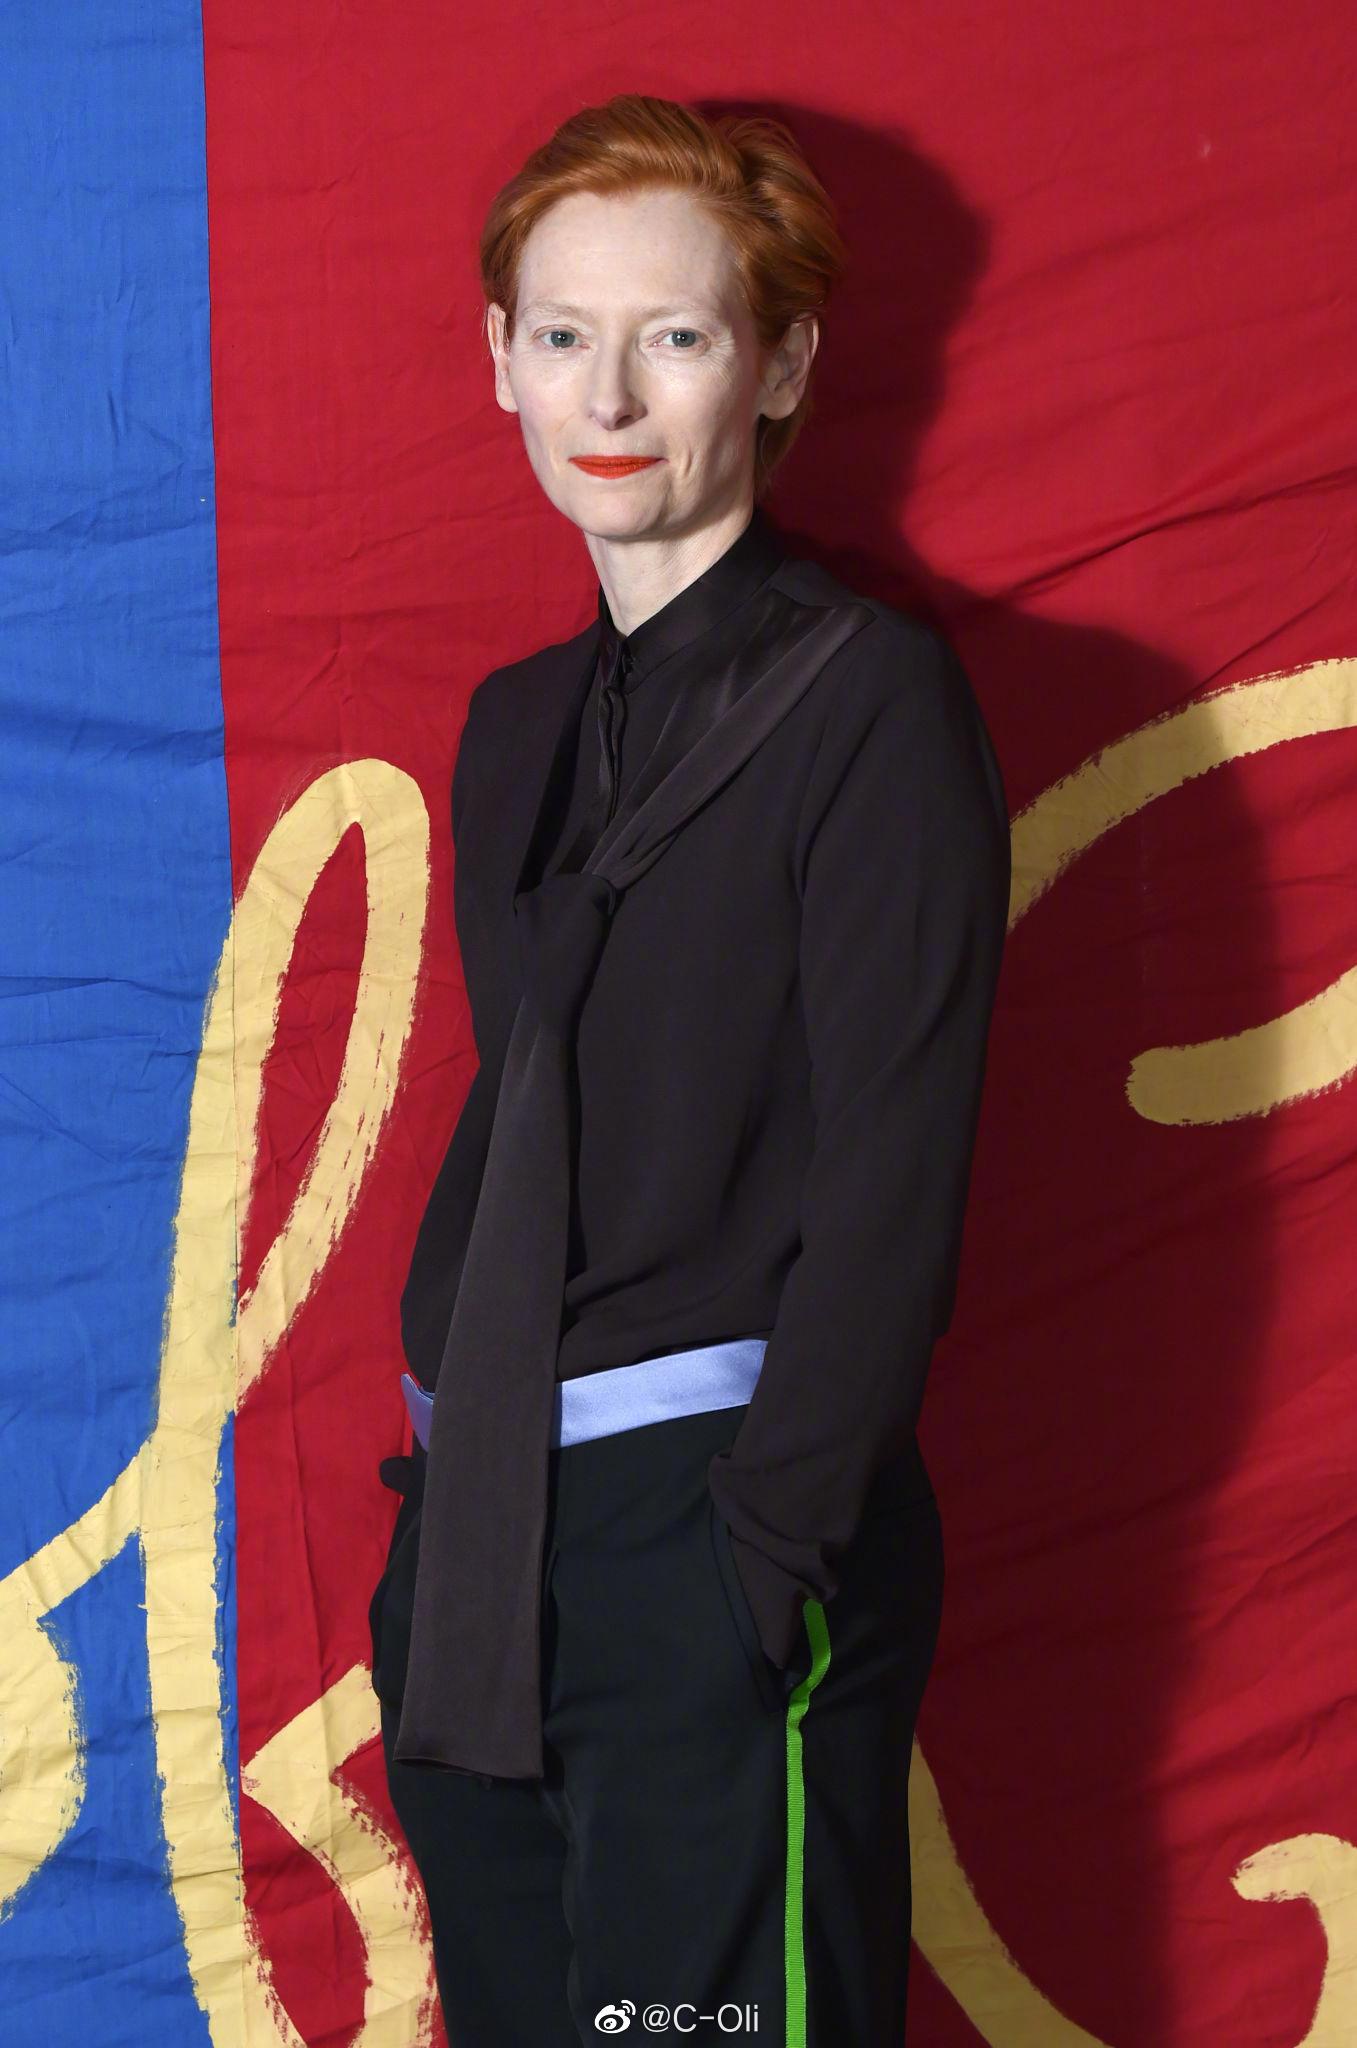 女王Tilda Swinton在伦敦出席电影《The Garden》特别放映活动